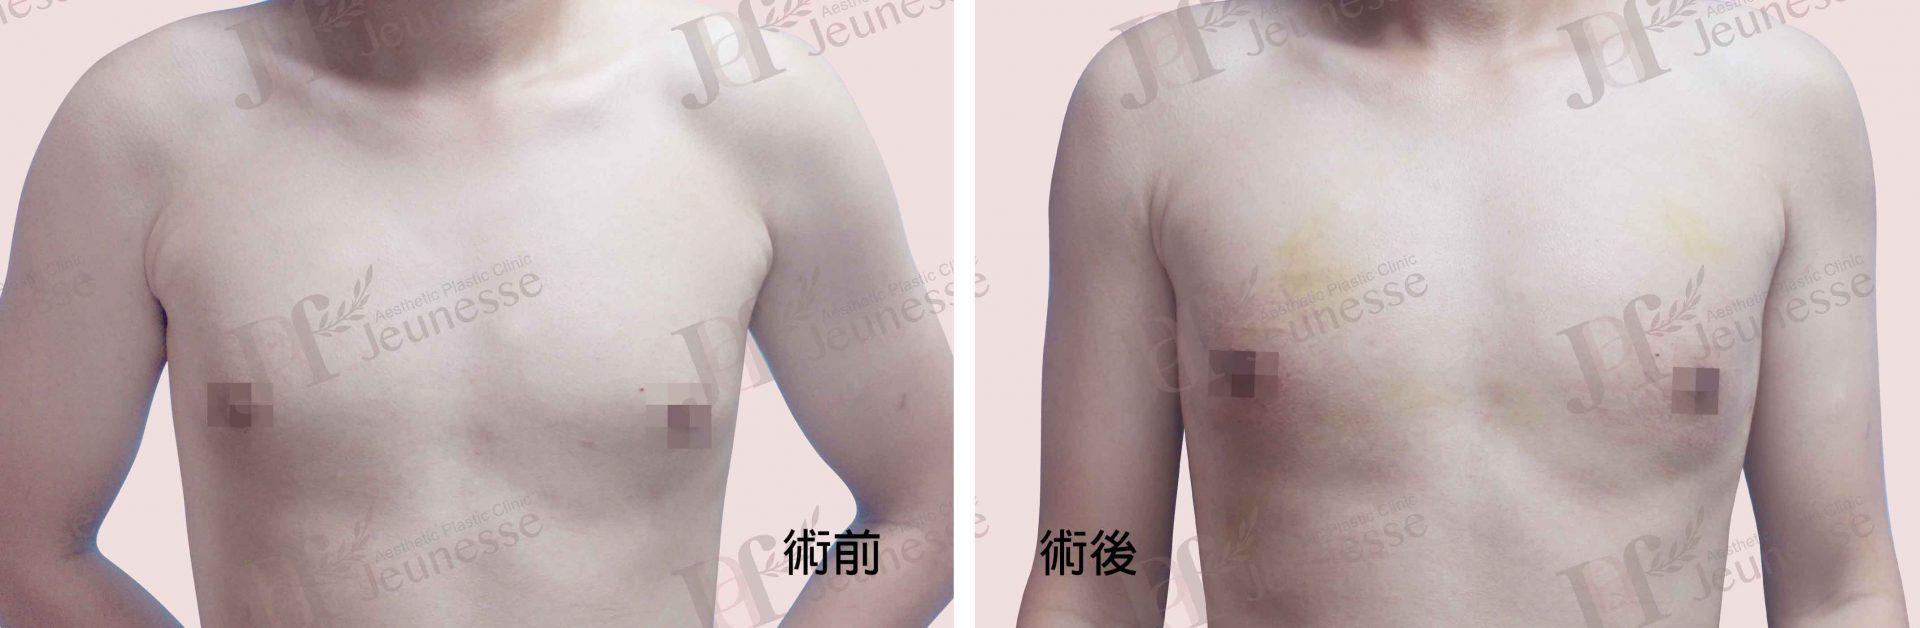 女乳症case2 正面-浮水印